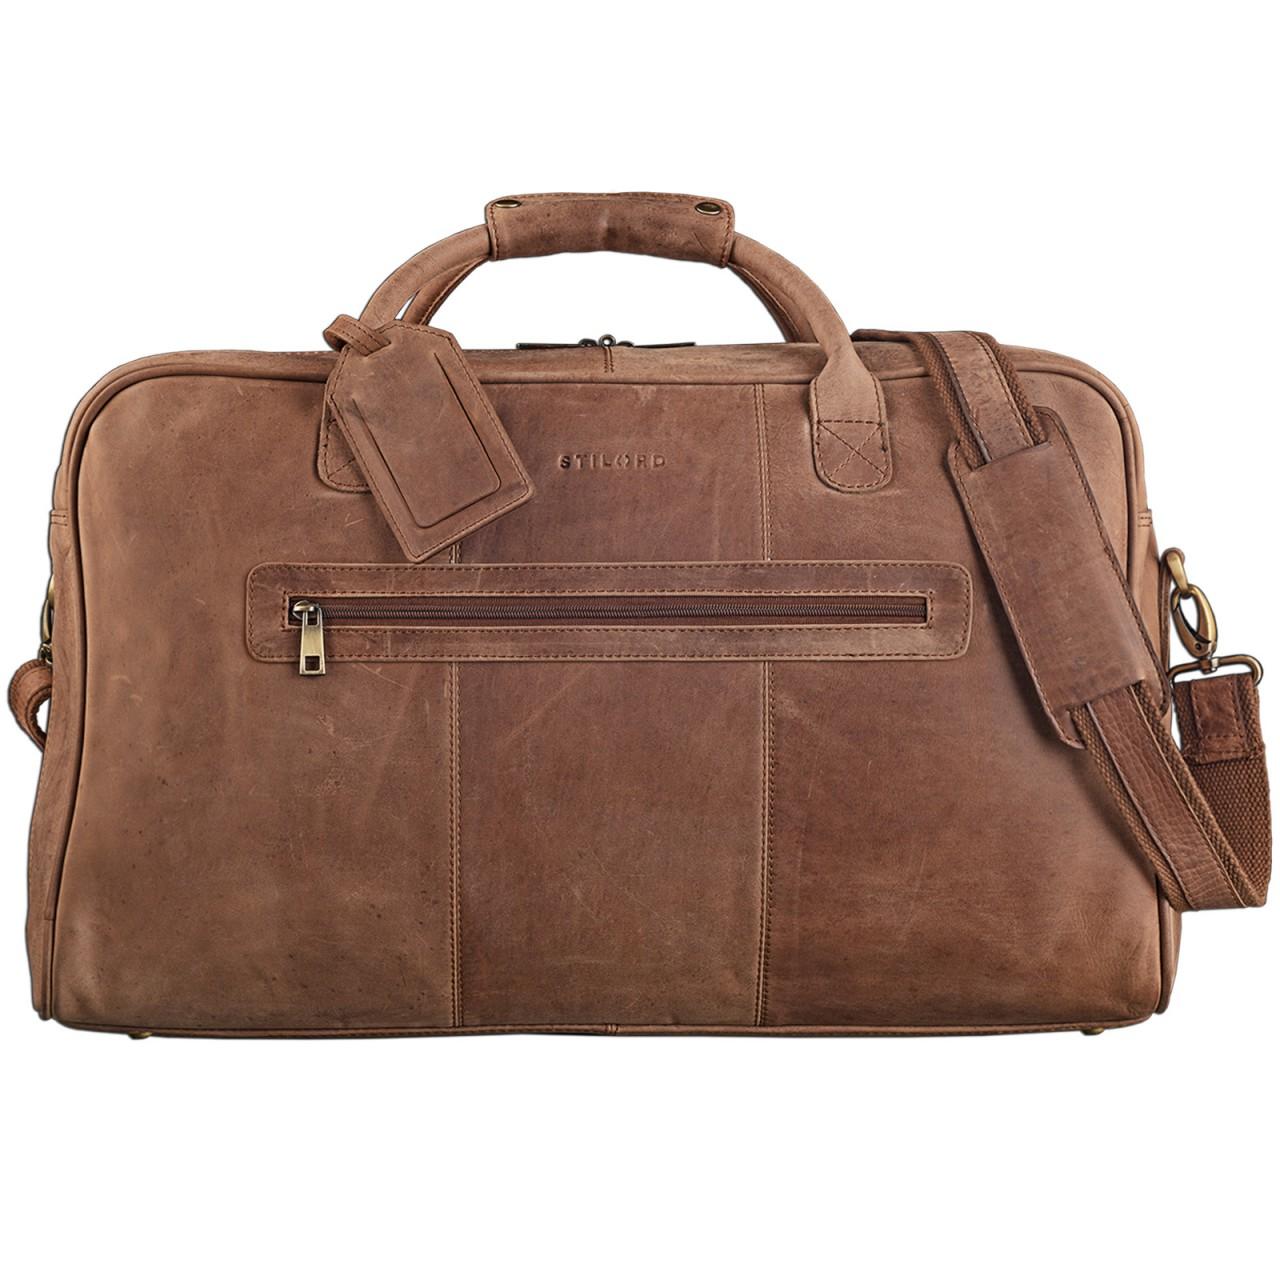 STILORD Vintage Reisetasche XXL groß Leder Weekend Bag Urlaub Retro Sporttasche Ledertasche mit 10.1 Zoll Tabletfach aus echtem Büffel-Leder braun - Bild 1